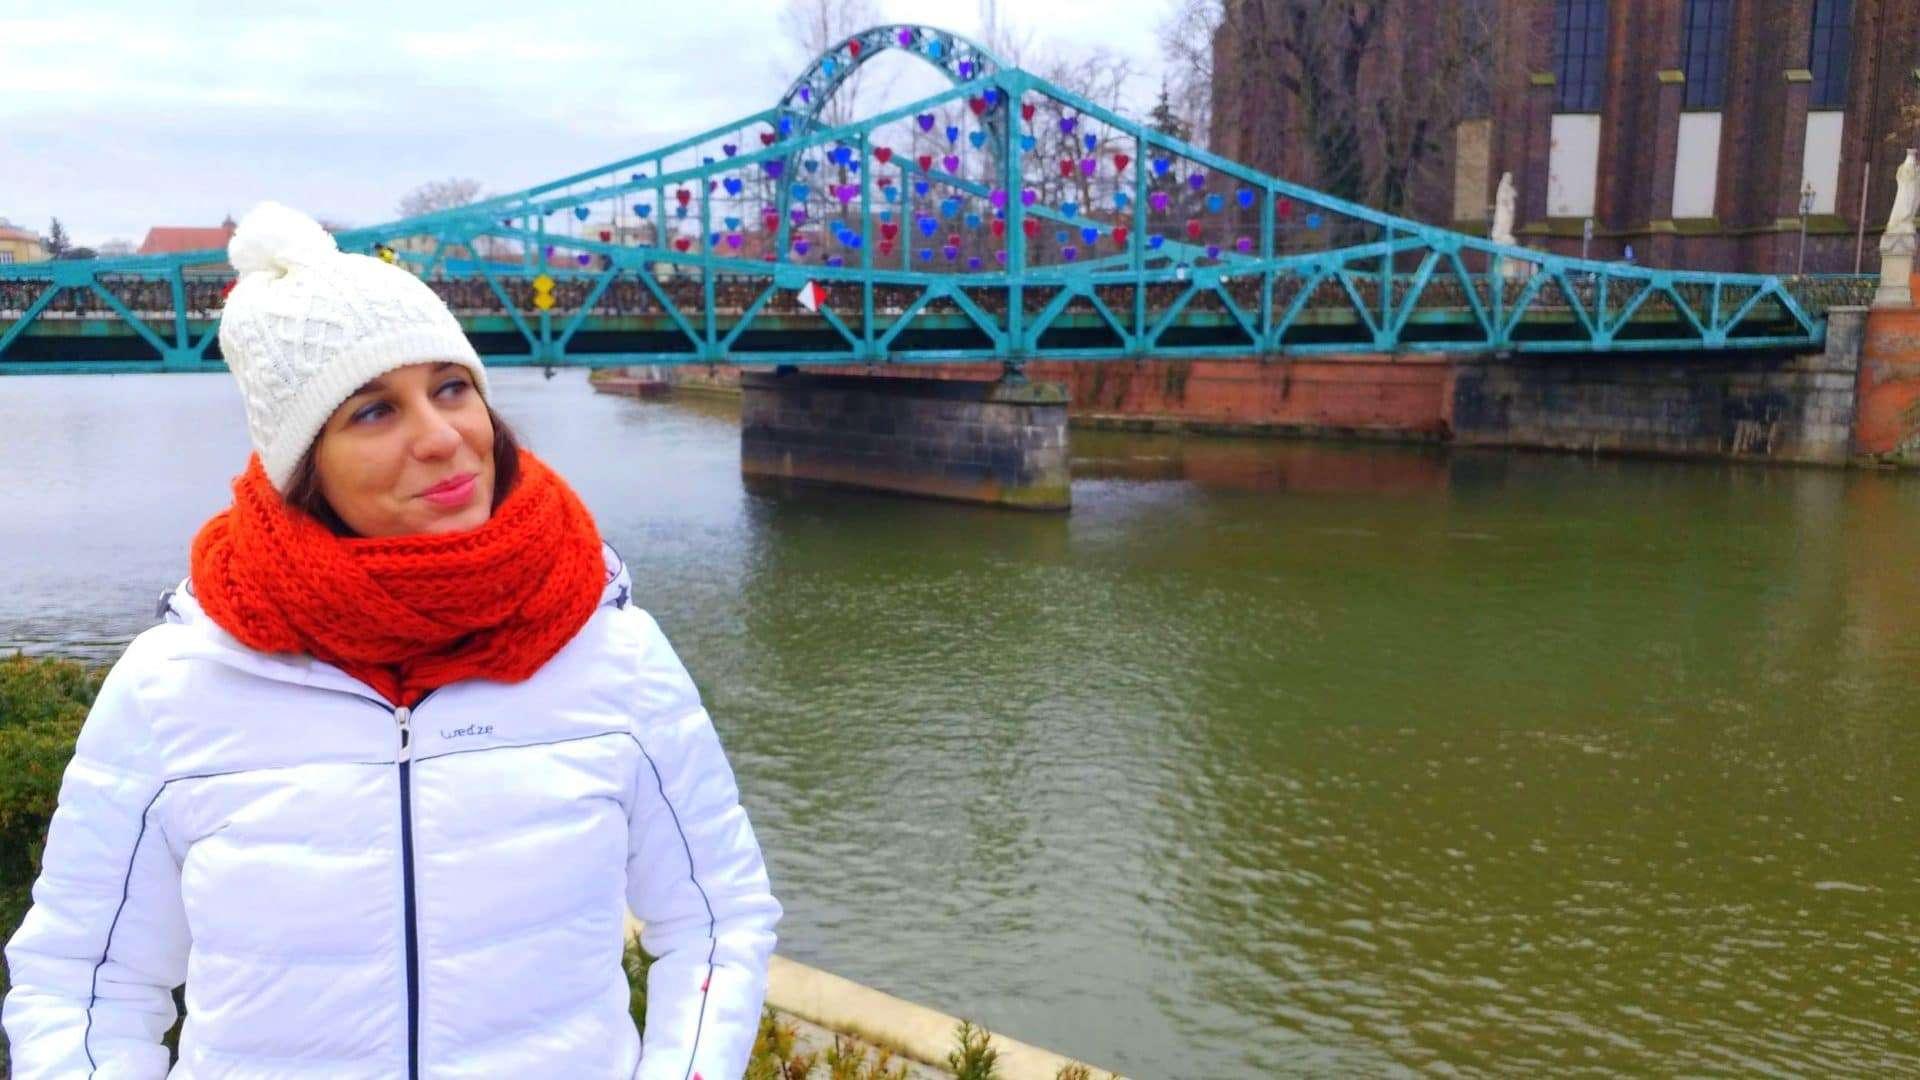 Cosa vedere a Breslavia in 2 giorni: itinerario a piedi e attrazioni da visitare